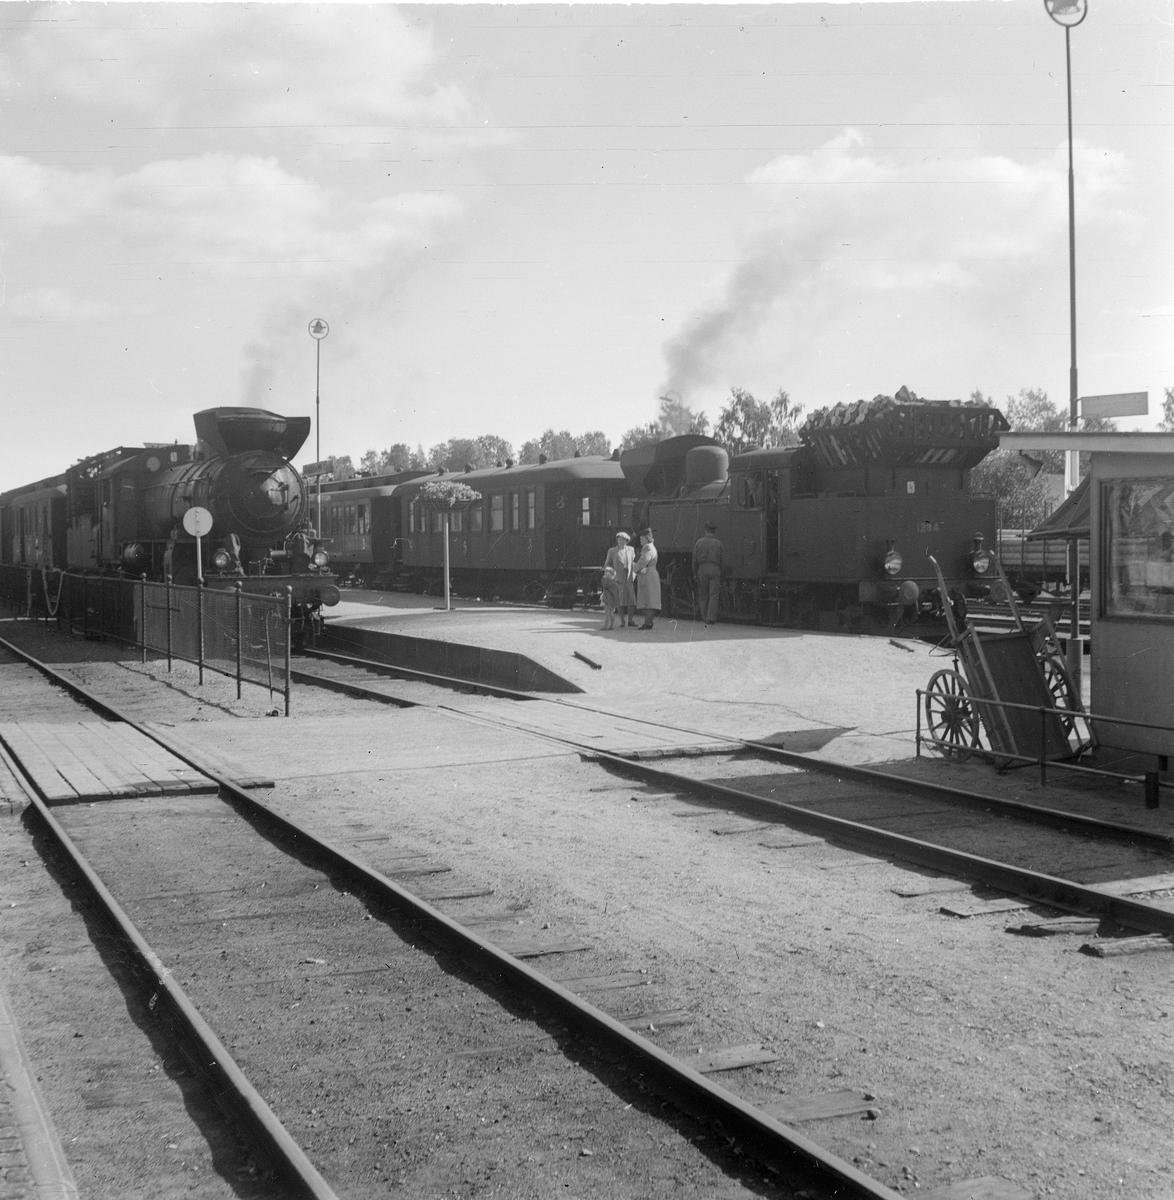 Två ånglok med vedeldning står vid plattformen vid Söderhamn station.